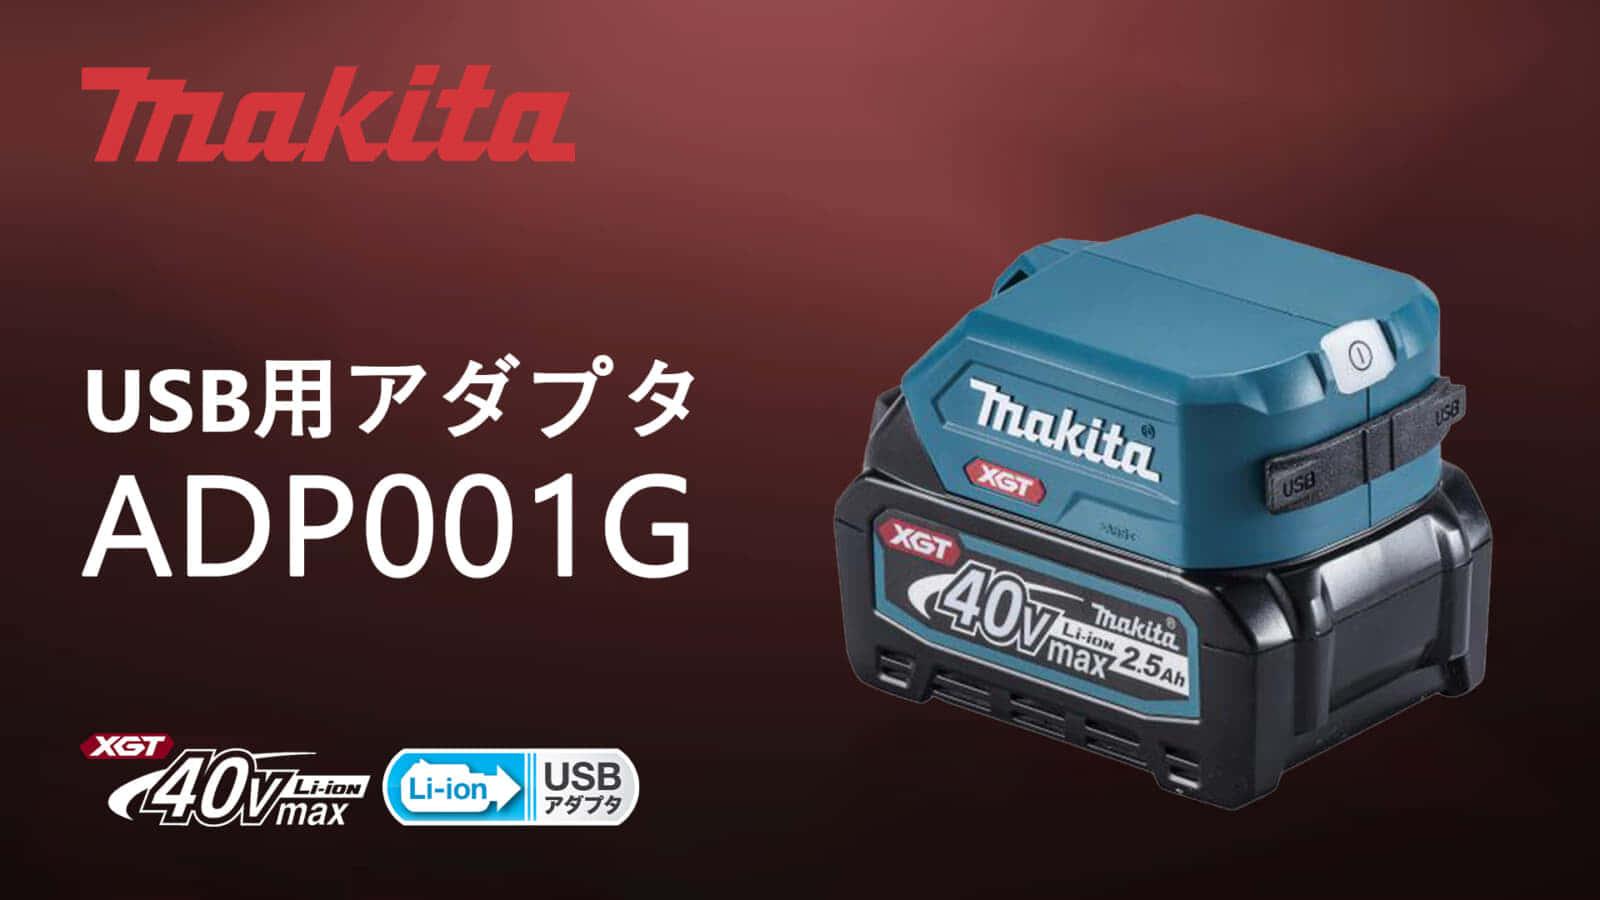 マキタ ADP001G USBアダプタ、40Vmaxバッテリー対応